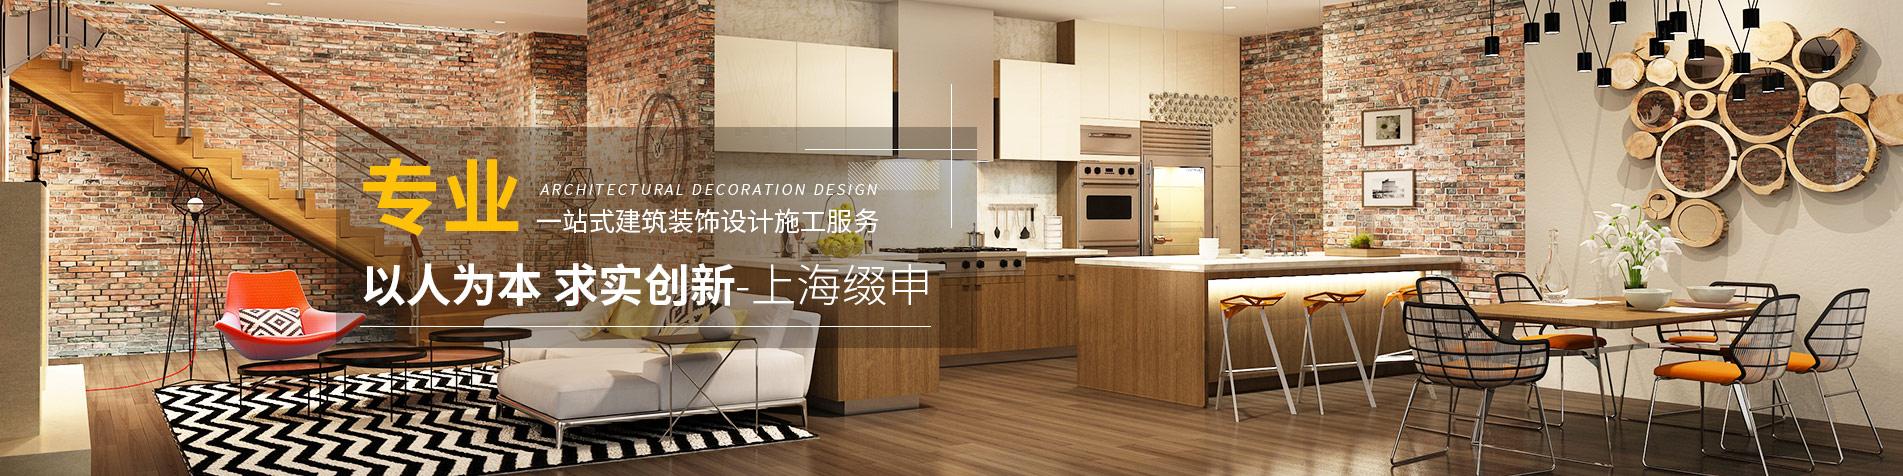 建築裝飾設計施工服務